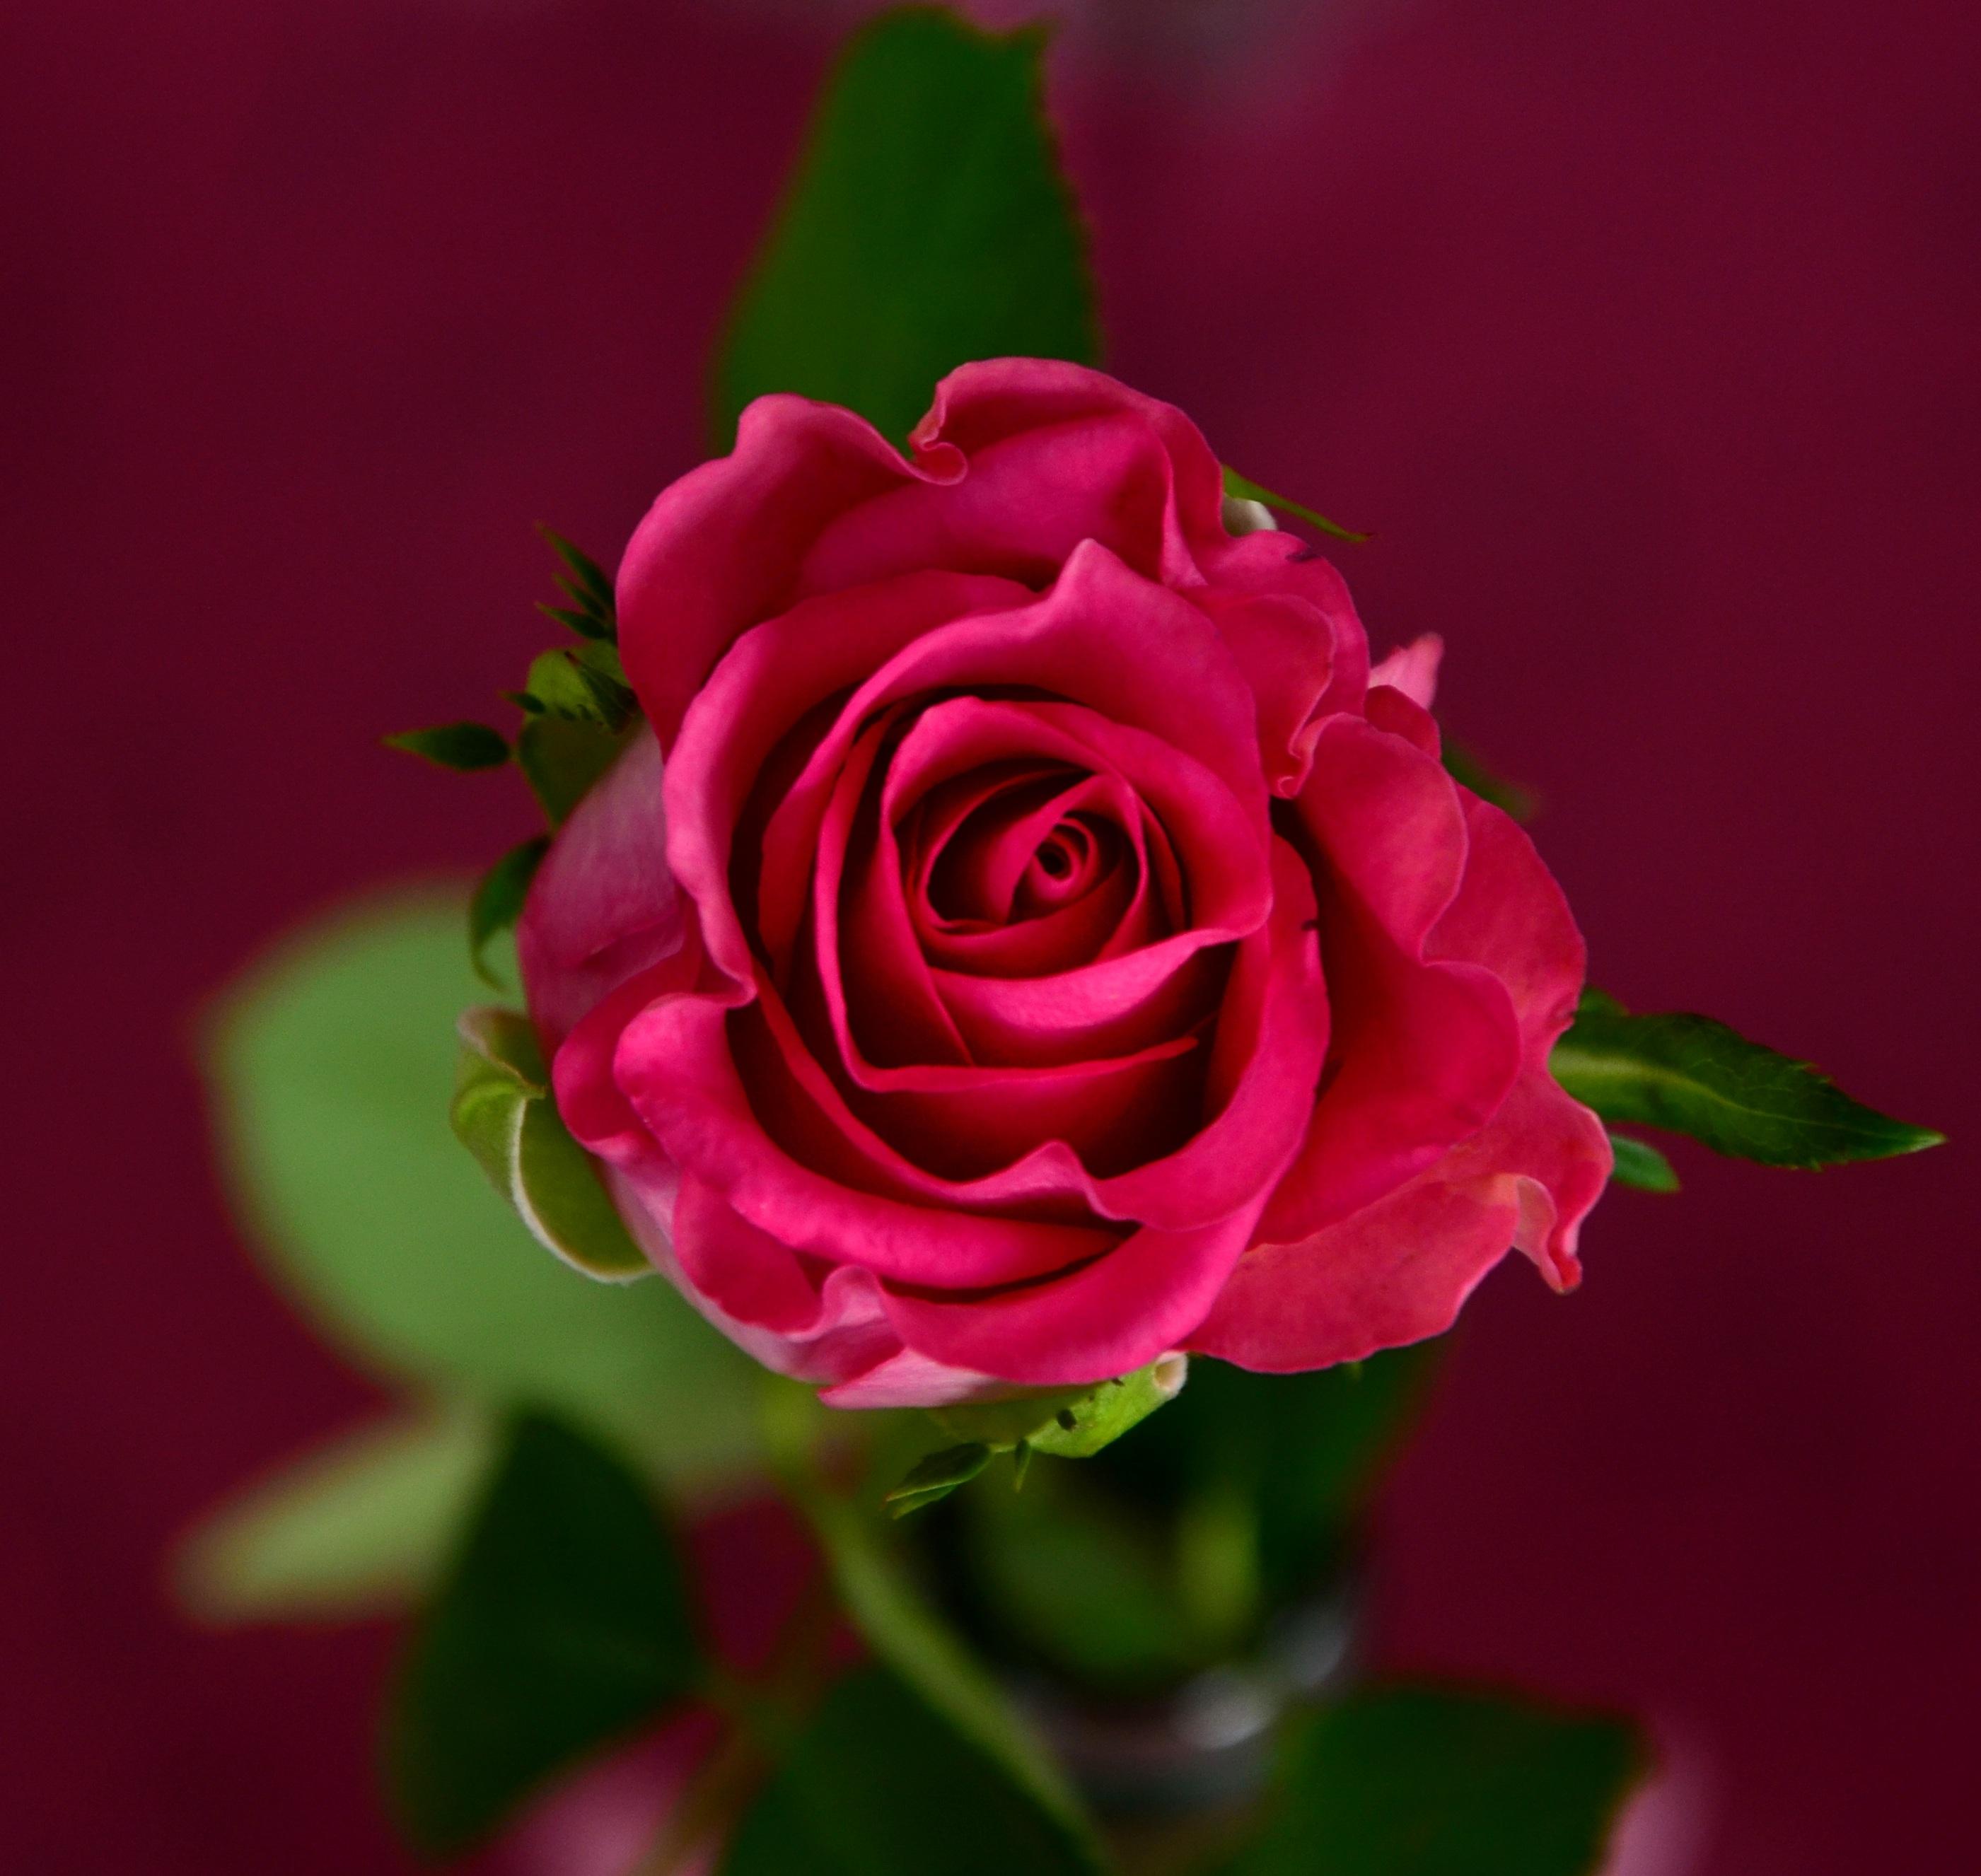 Три розы скачать бесплатно mp3